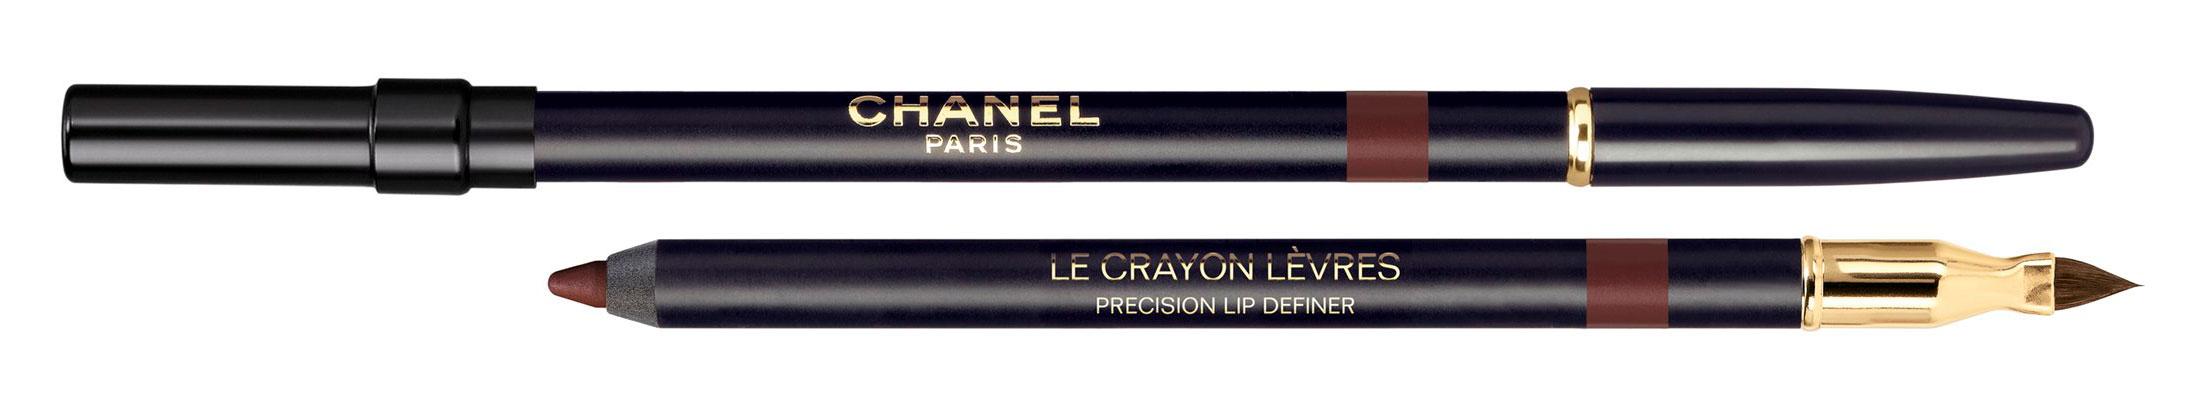 Printemp-Precieux-chanel-les-crayon-levres-59-palissandre